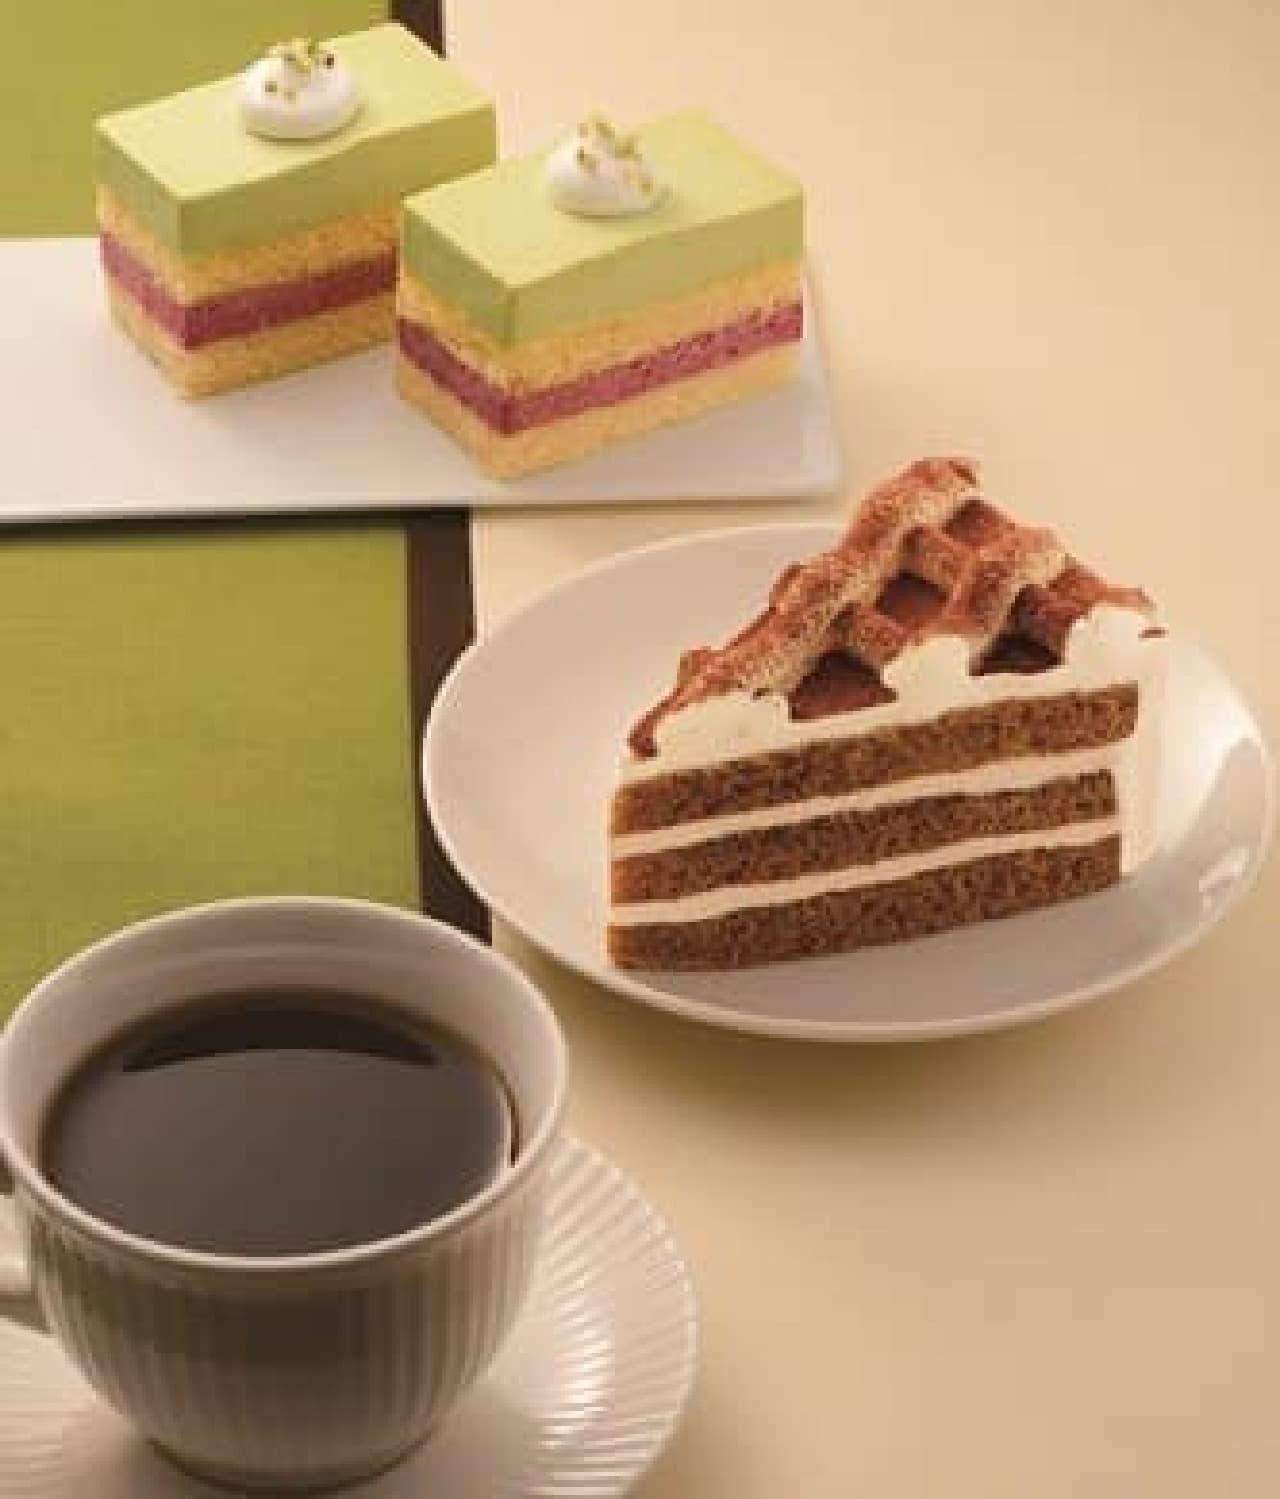 カフェ・ド・クリエ「ティラミスケーキ」「ピスタチオとカシスのムース」